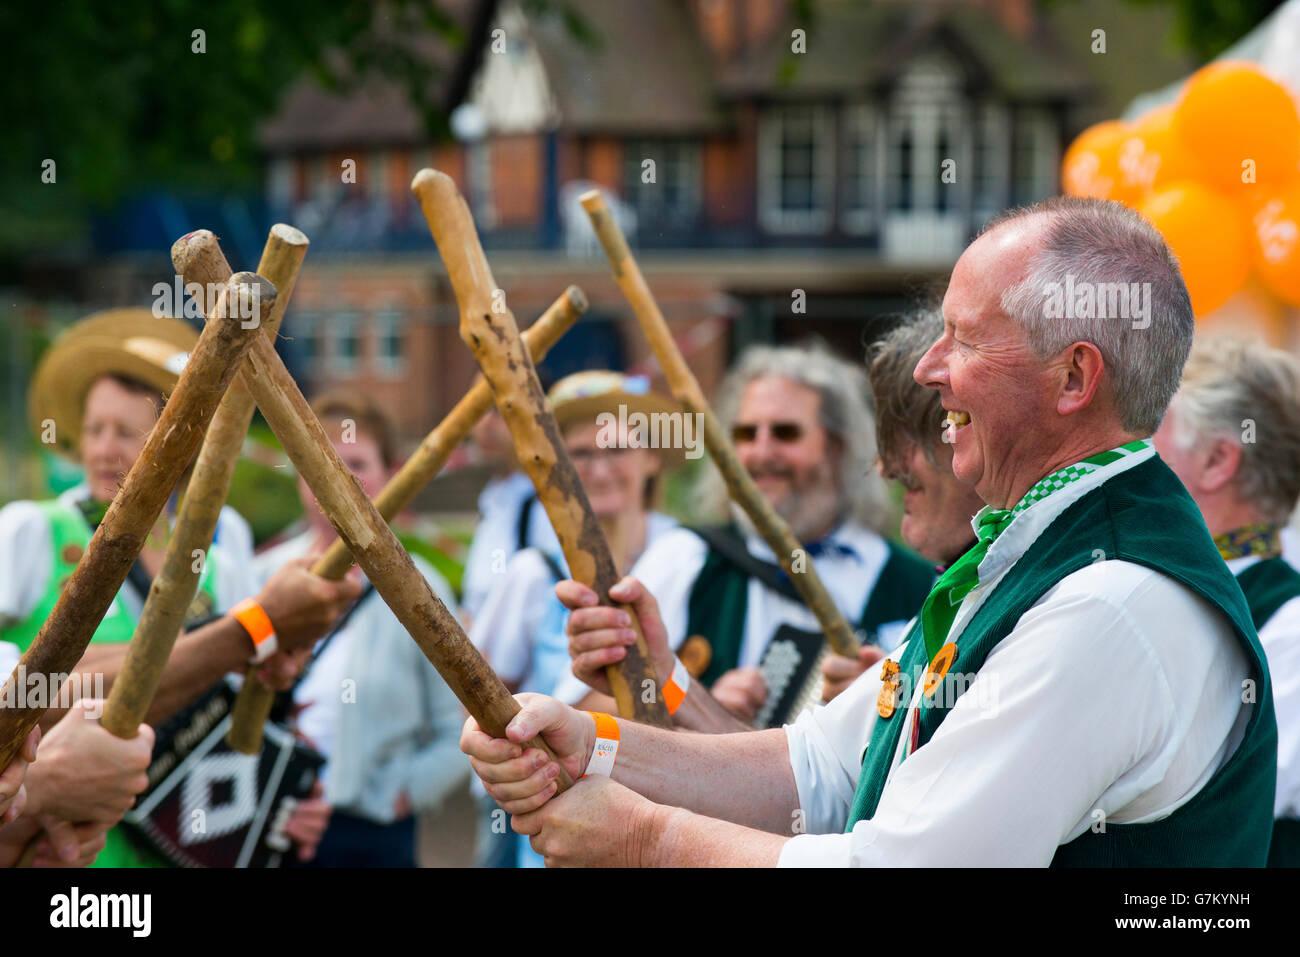 Members of Shrewsbury Morris dancing at the 2016 Shrewsbury Food Festival in Shropshire, England, UK. - Stock Image